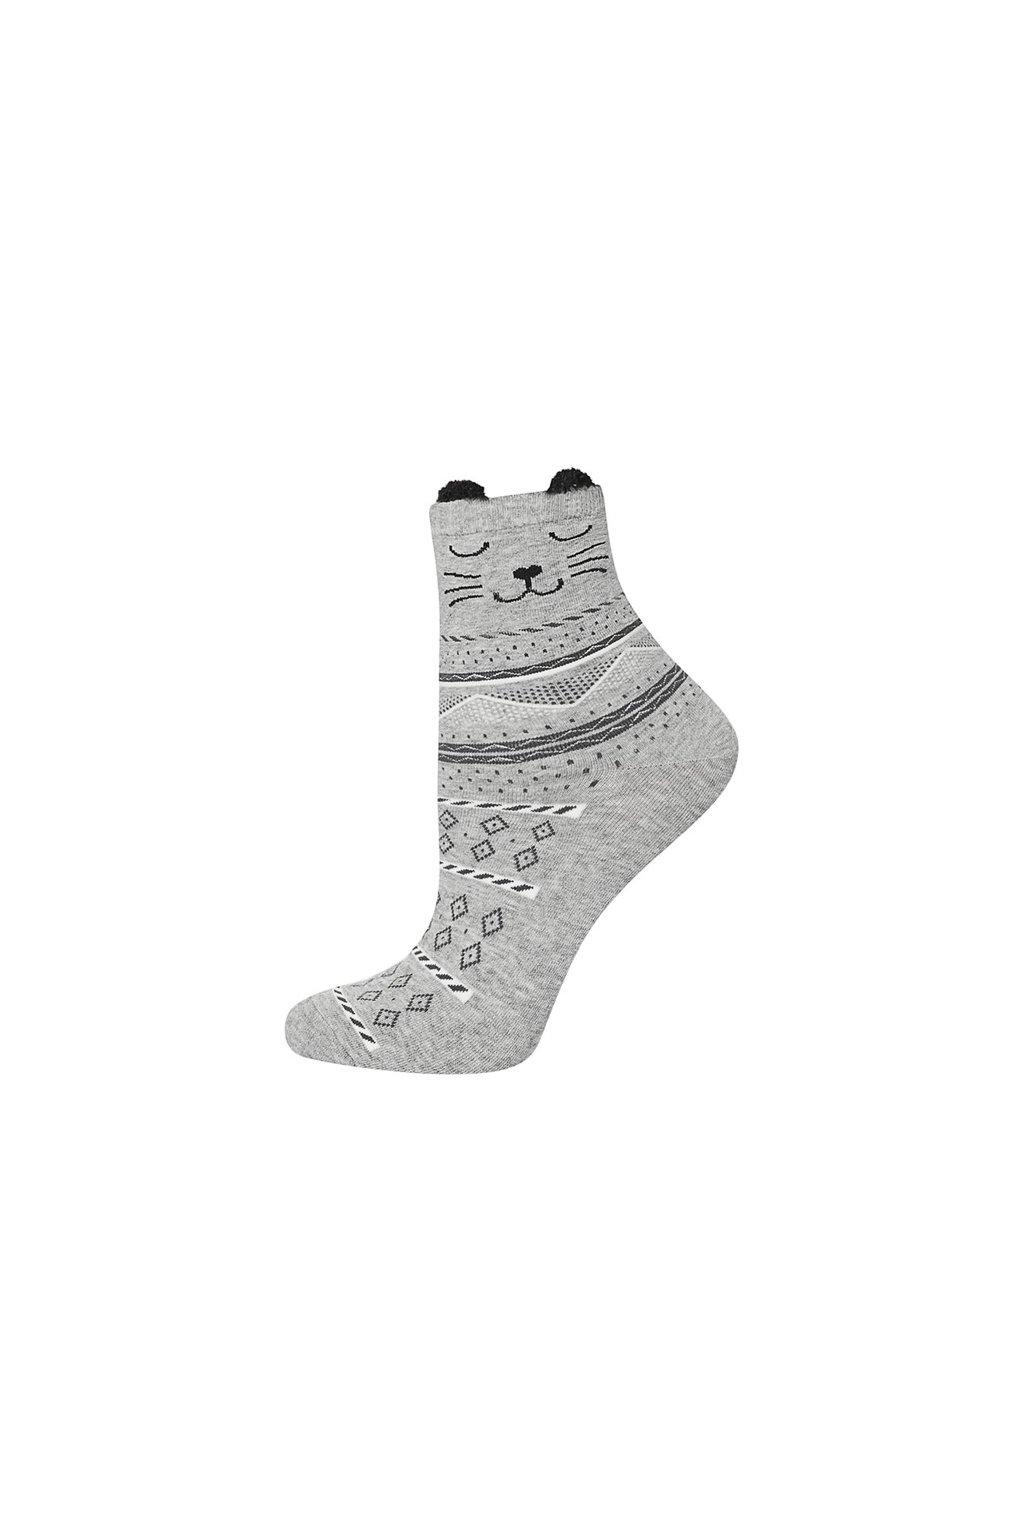 Dámske ponožky SOXO s ušami